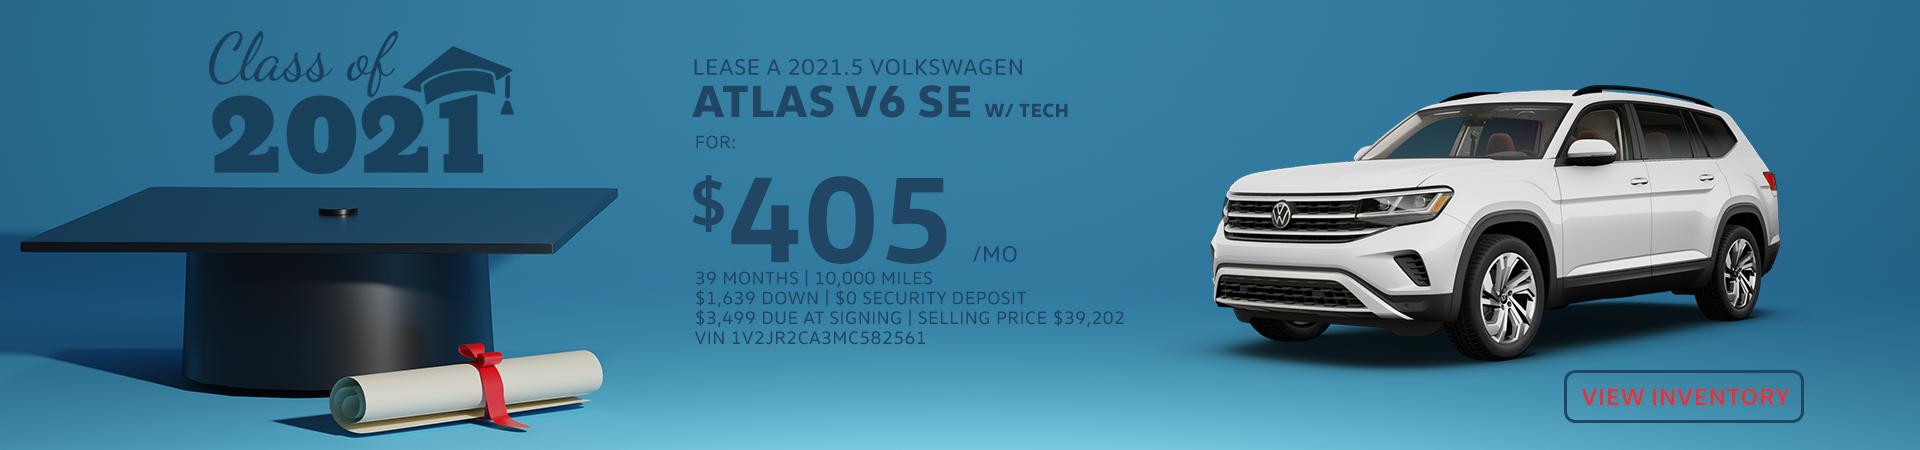 Wynn VW_June Offer_Atlas